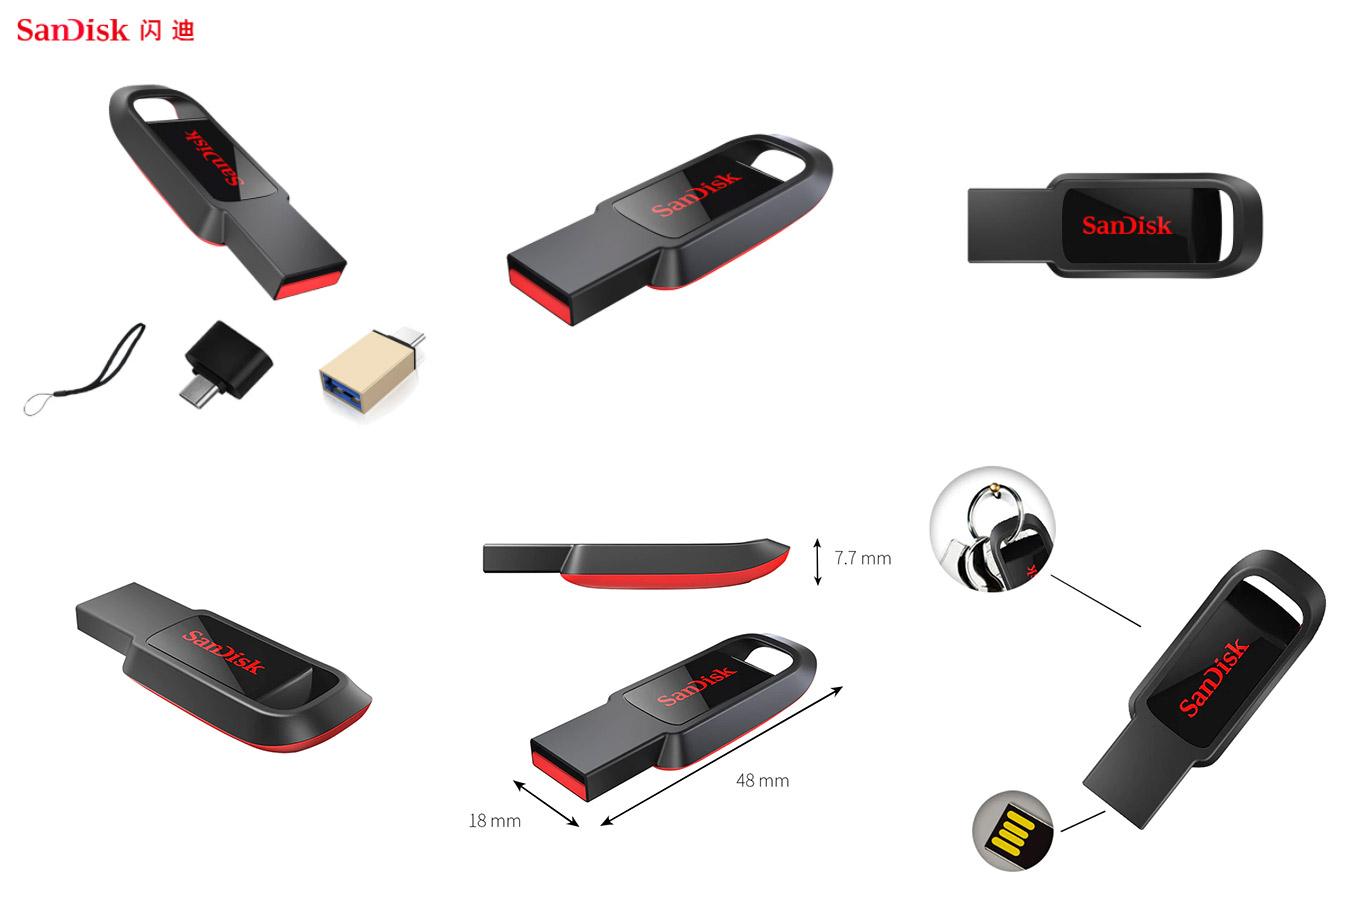 USB-накопитель с плавными линиями дизайна Sandisk